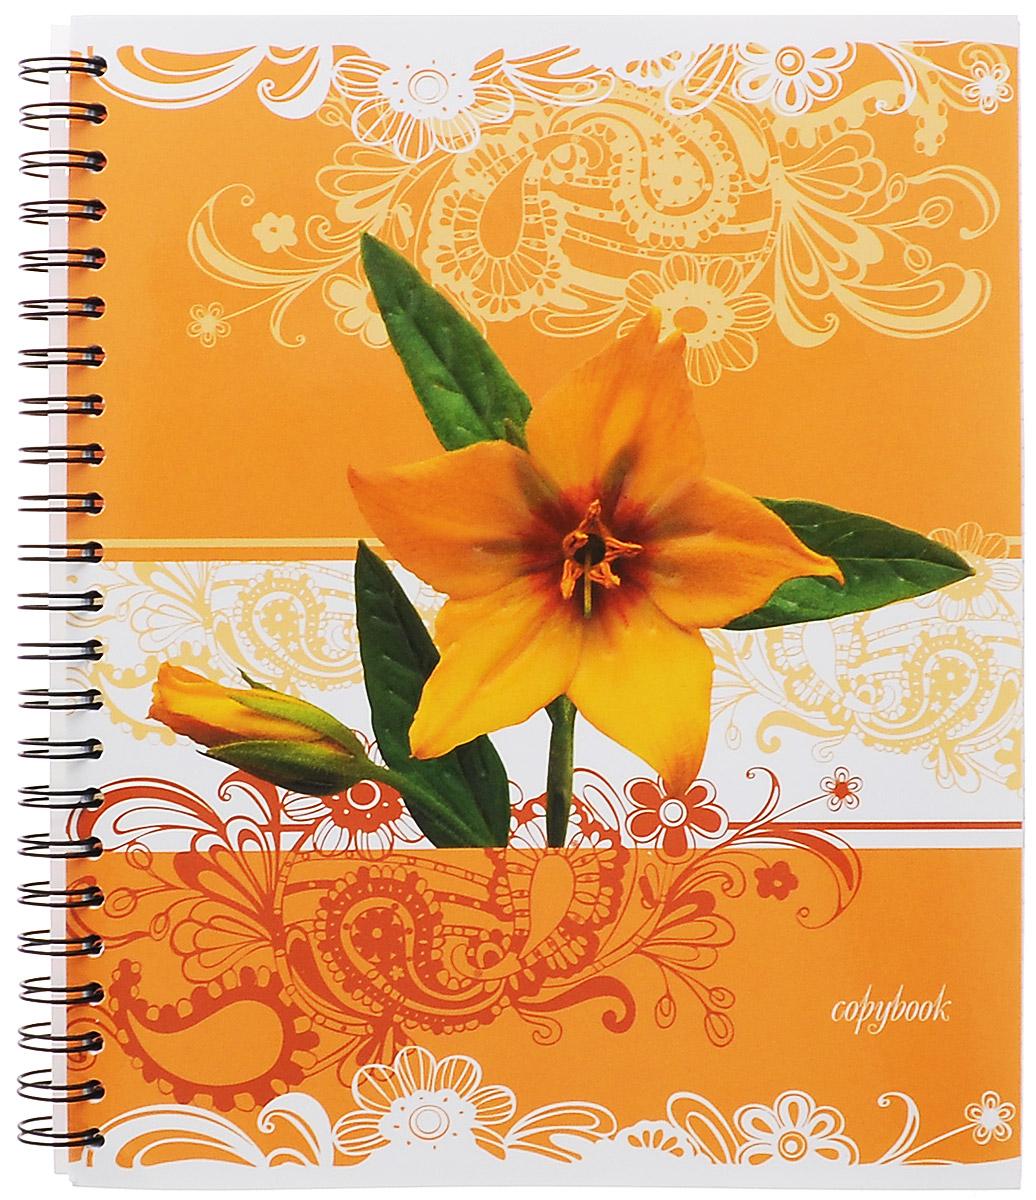 Полиграфика Тетрадь в клетку Цветы, цвет: желтый, 96 листов37637Тетрадь Полиграфика Цветы представлена в формате А5. Тетрадь в глянцевой обложке с рельефным тиснением и изображением желтого цветка. Внутренний блок состоит из 96 листов со стандартной линовкой в клетку без полей на стальном гребне. Такое практичное и надежное крепление позволяет вырывать листы и полностью открывать тетрадь на столе. Вне зависимости от профессии и рода деятельности у человека часто возникает потребность сделать какие-либо заметки. Именно поэтому всегда удобно иметь эту тетрадь под рукой, особенно если вы творческая личность и постоянно генерируете новые идеи.